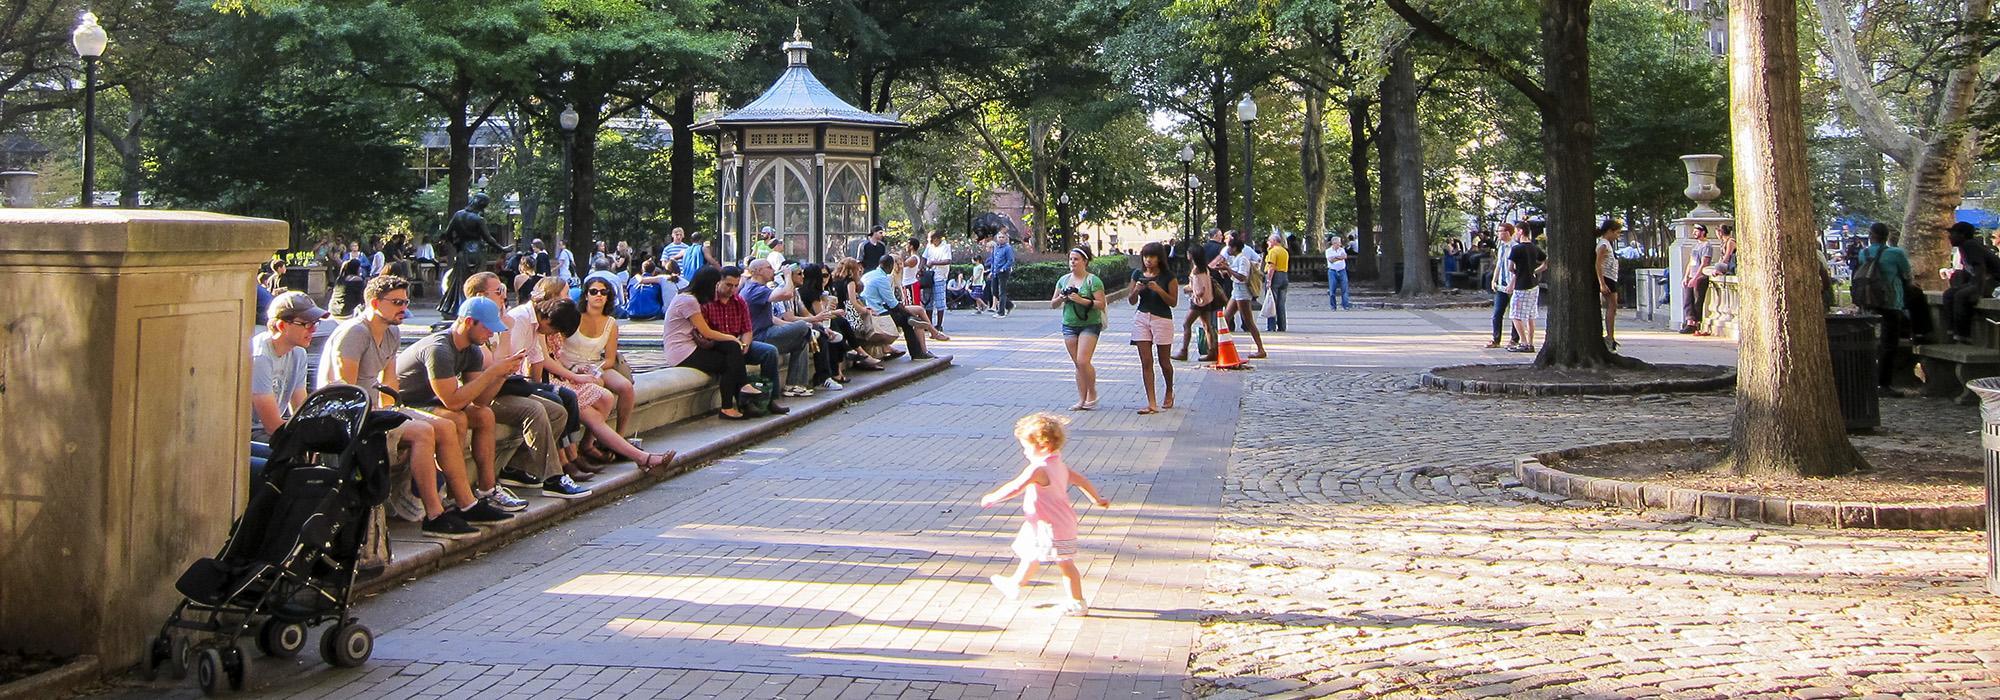 RittenhouseSquare_hero_CharlesBirnbaum_2011.jpg